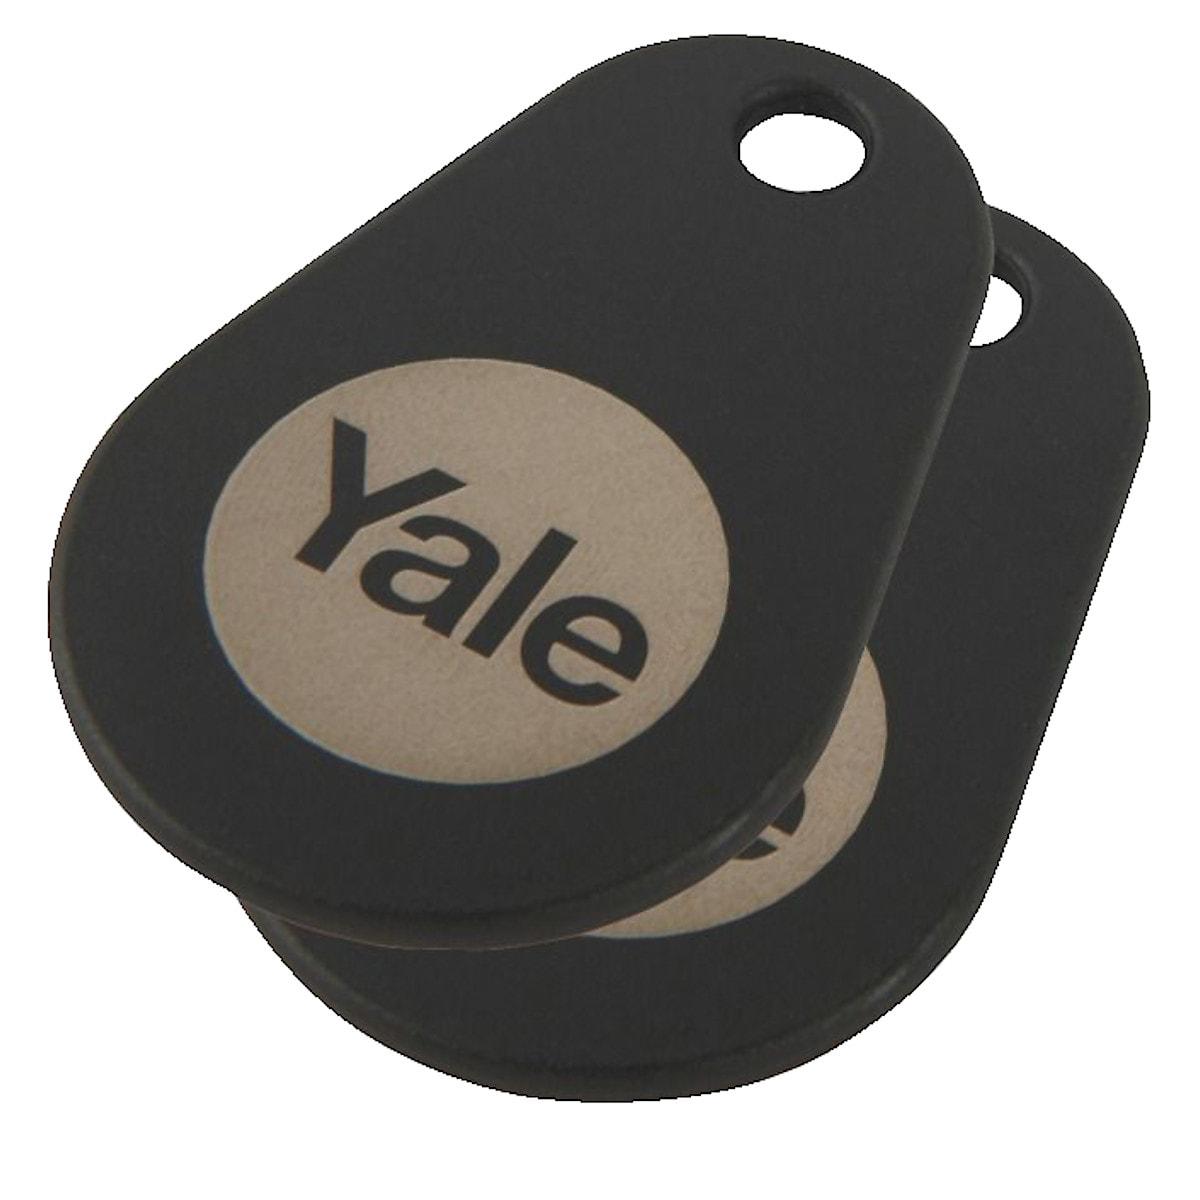 Yale Smart Door Lock Key Tag, 2-pack